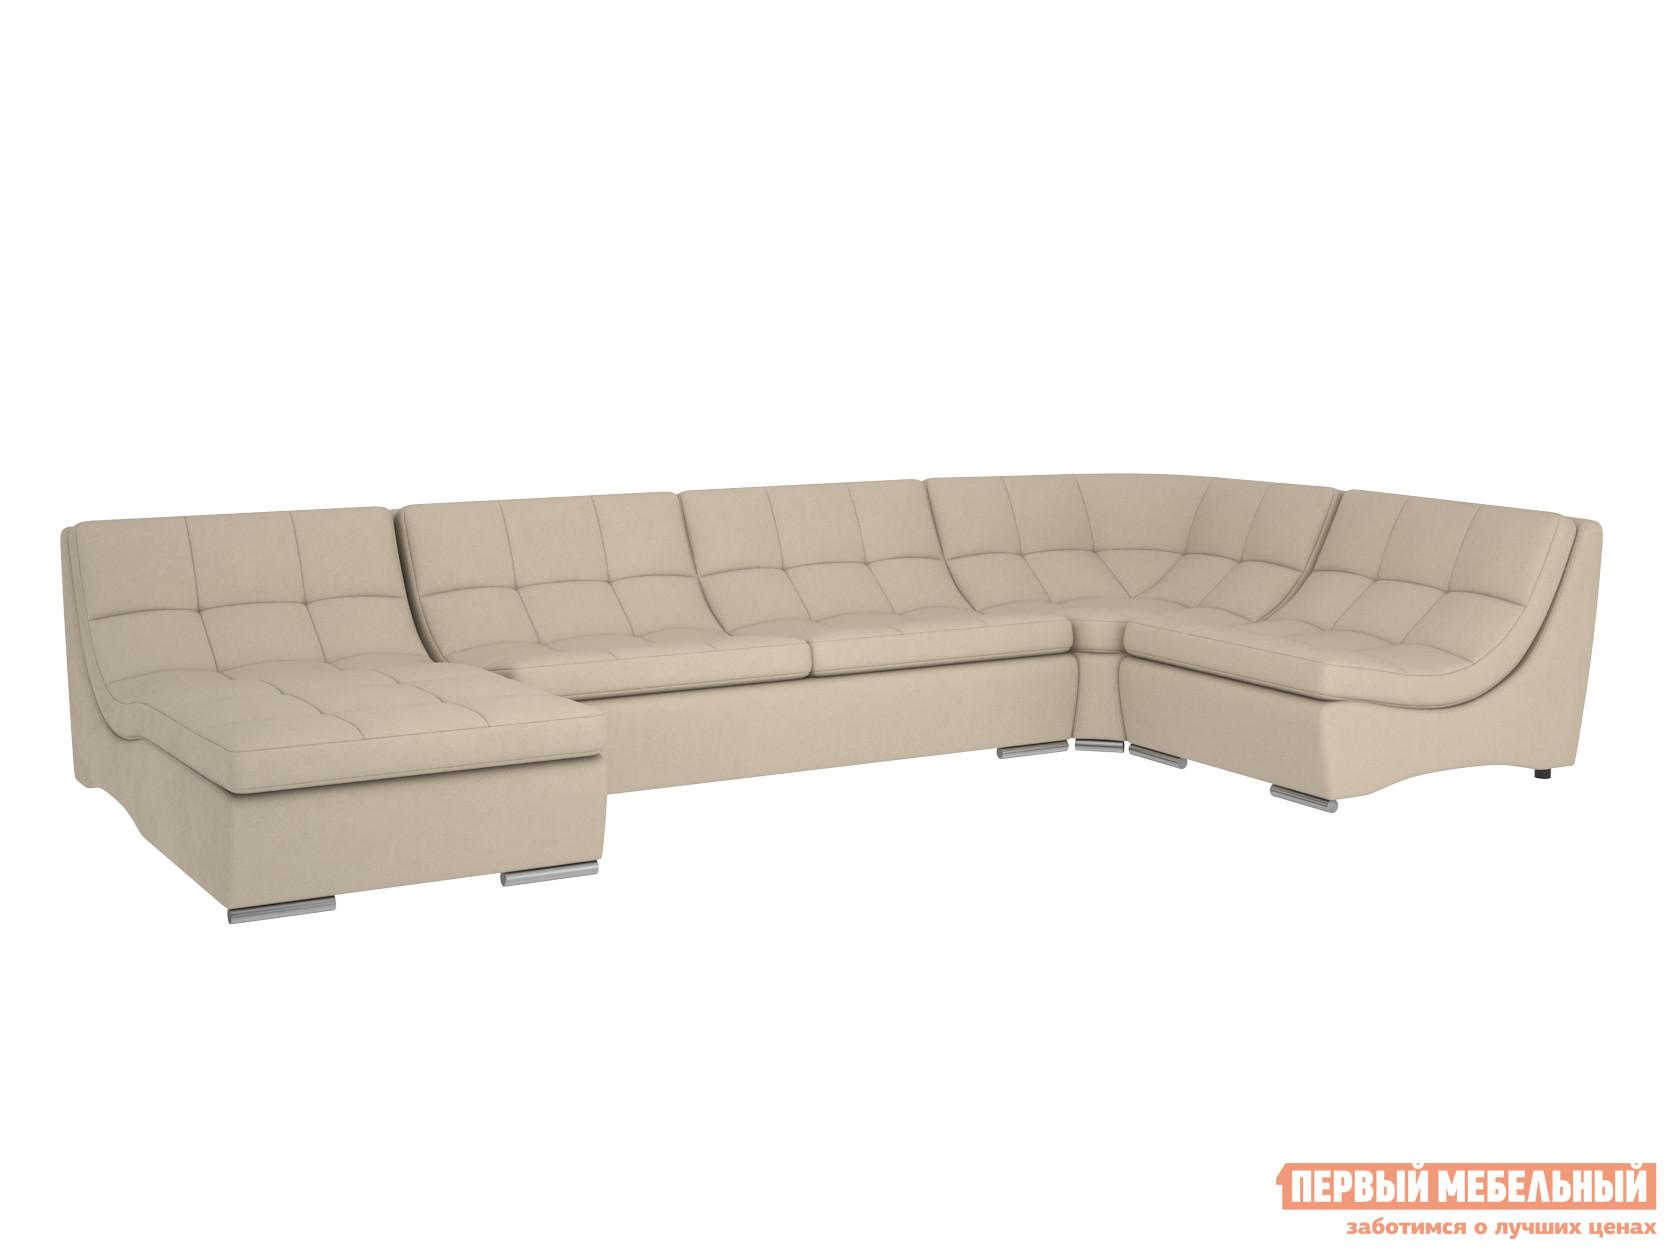 Угловой диван Первый Мебельный Модульная система Сан-Диего с механизмом, вариант 3